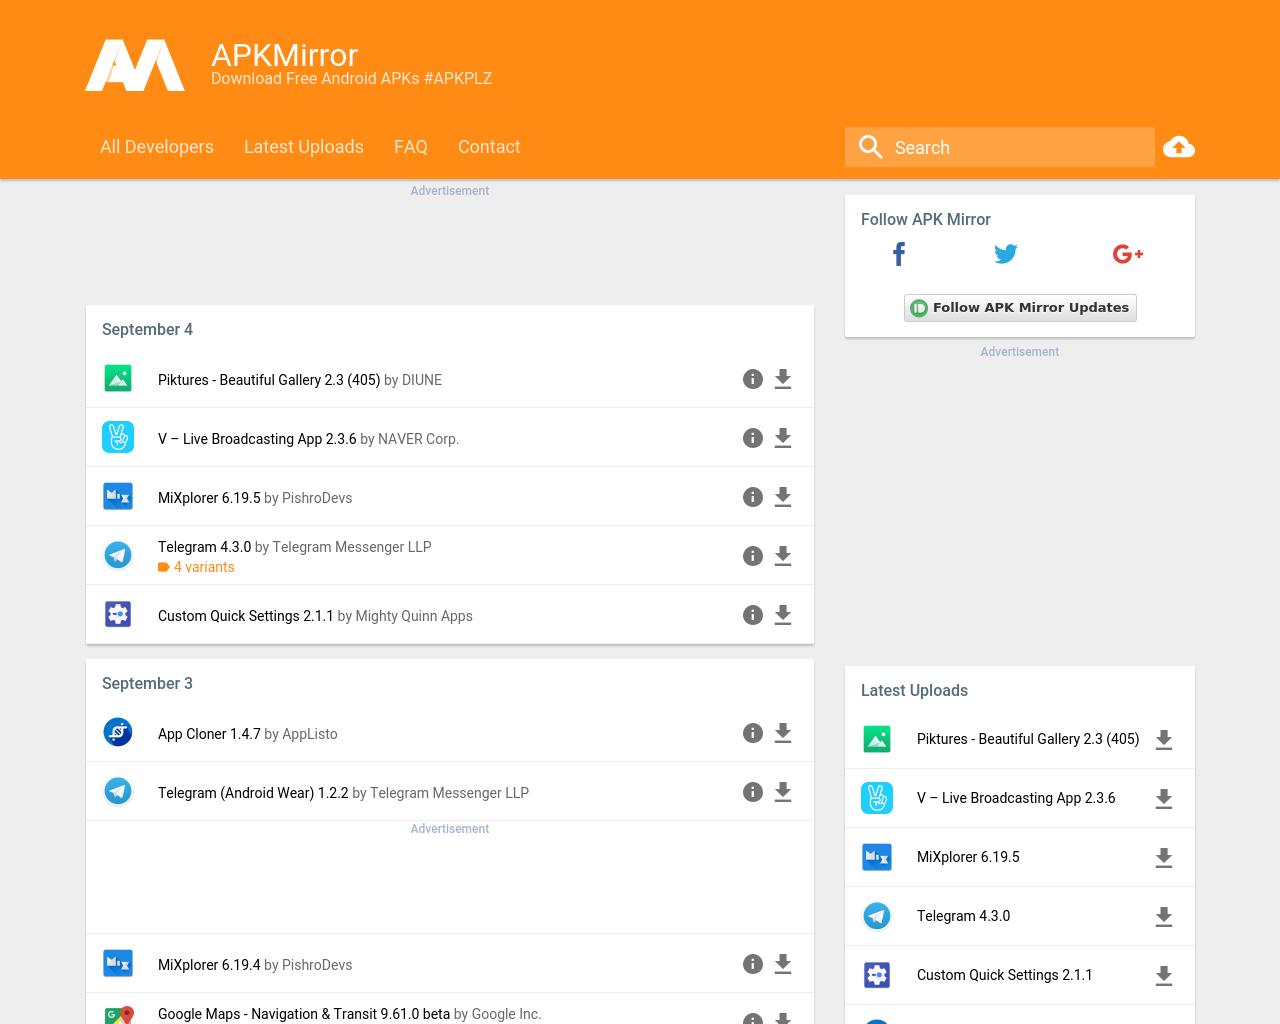 APKMirror-Advertising-Reviews-Pricing